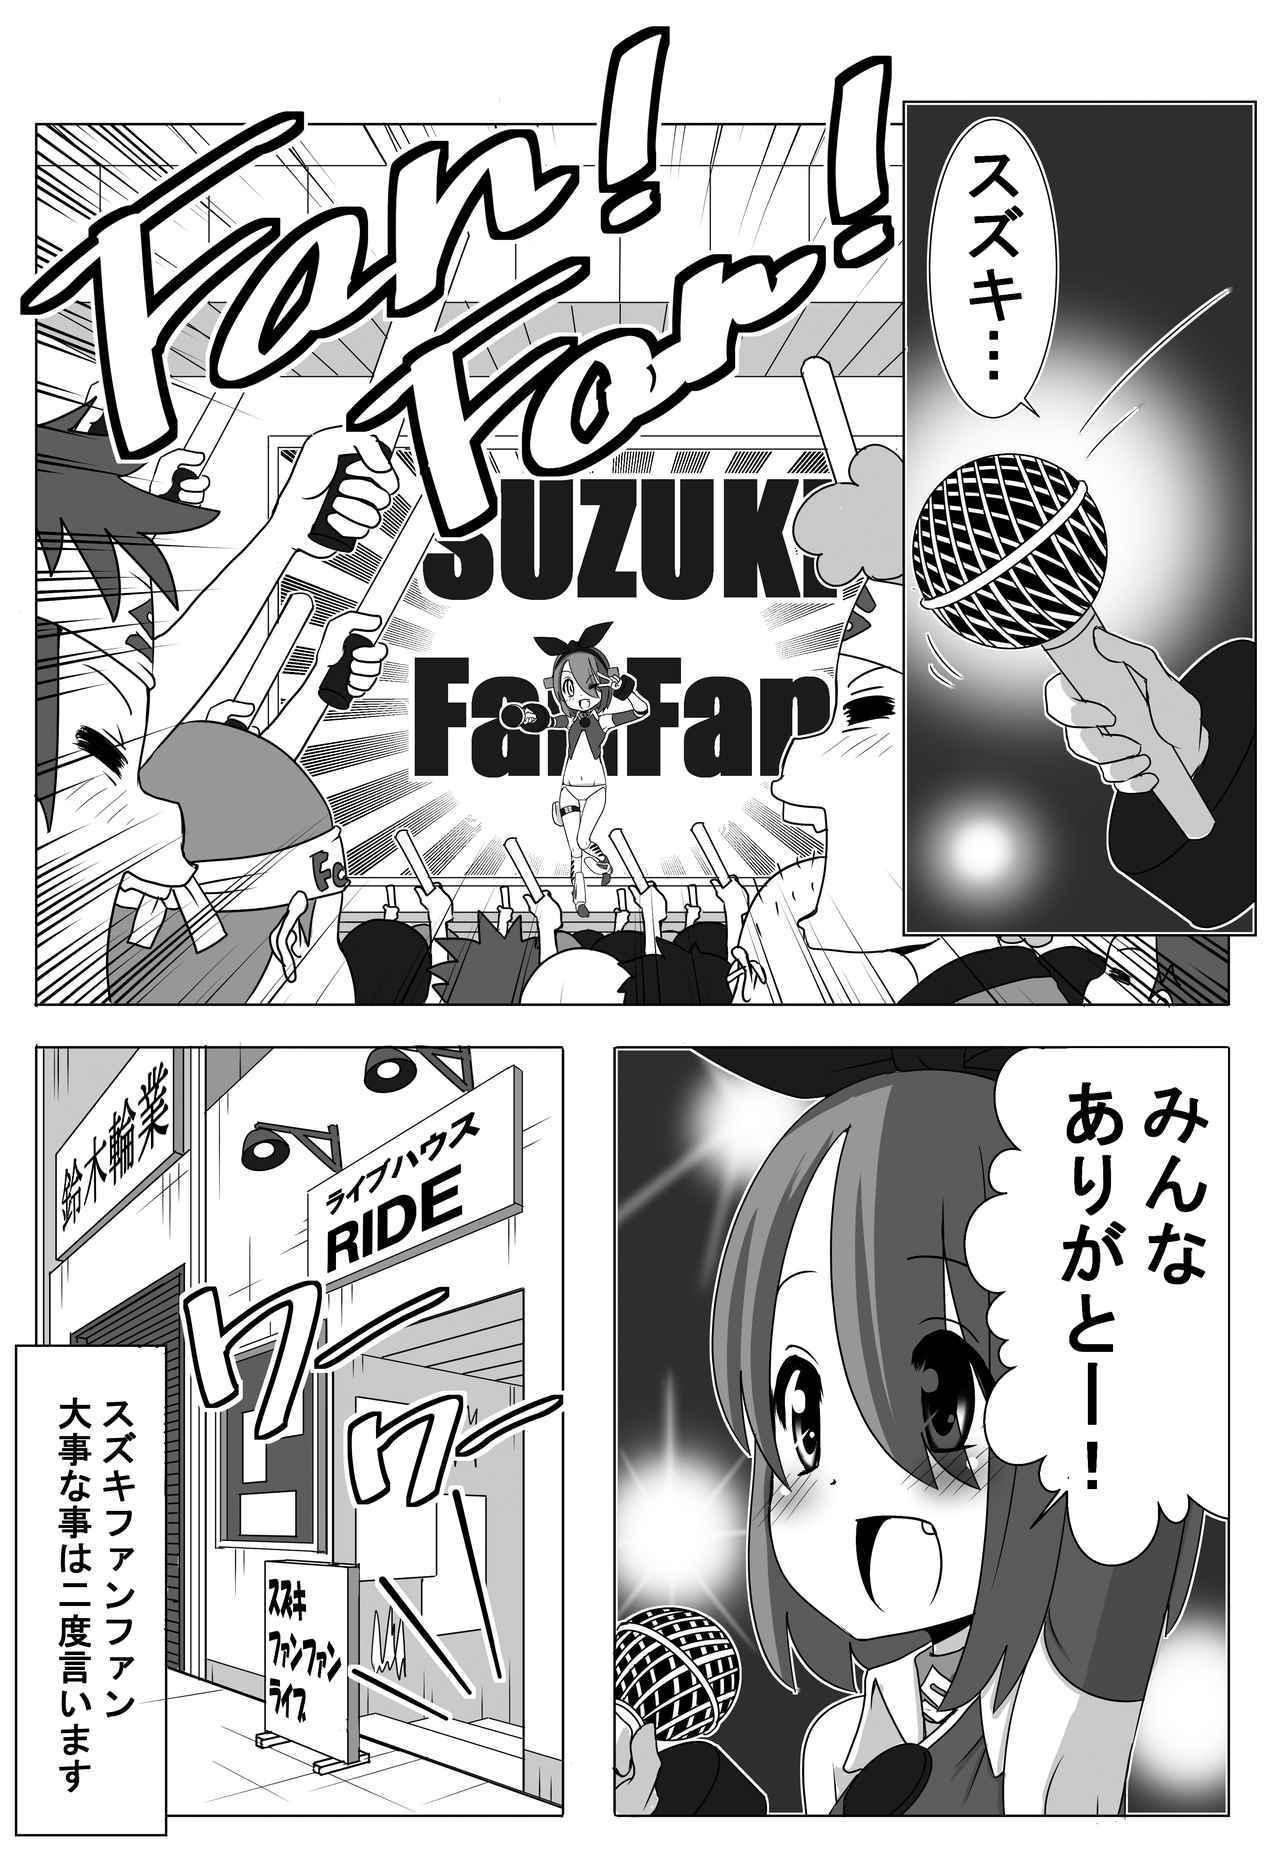 画像4: 『バイク擬人化菌書』FanFan 話「大事な事は二度言って」 作:鈴木秀吉